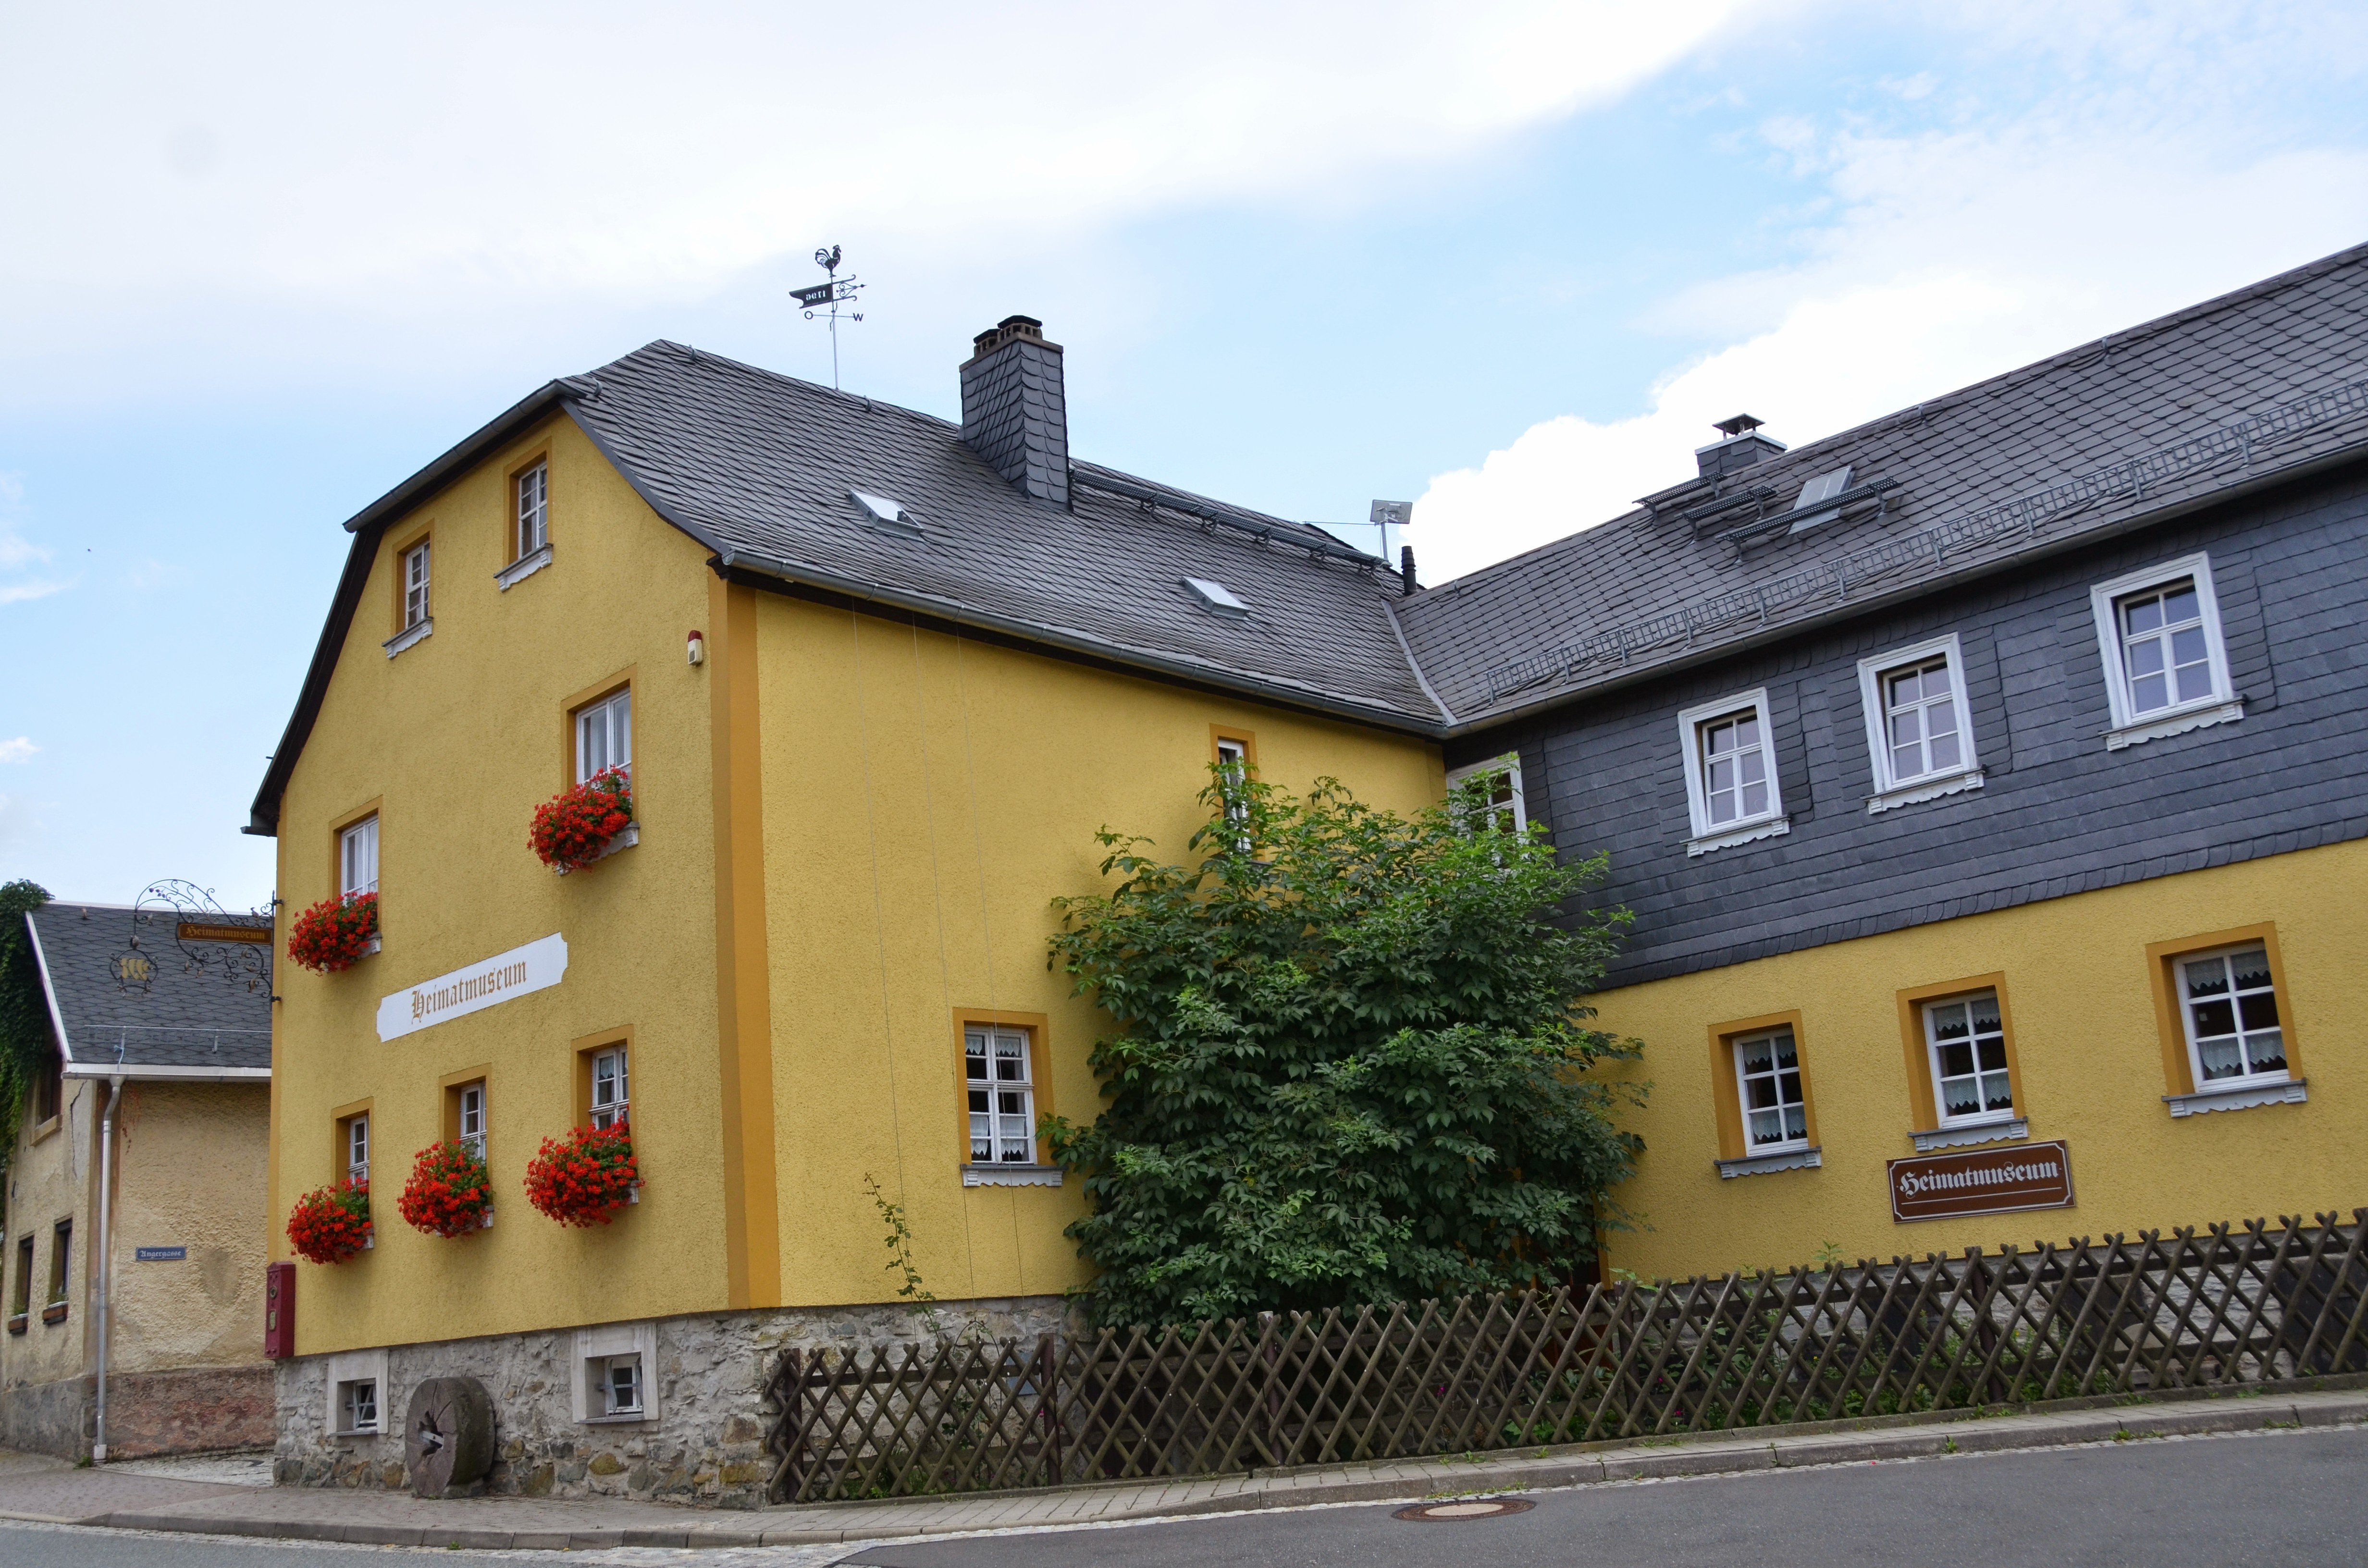 Naturschieferdach und -fassade, Heimatmuseum, Harra, Saale-Orla-Kreis